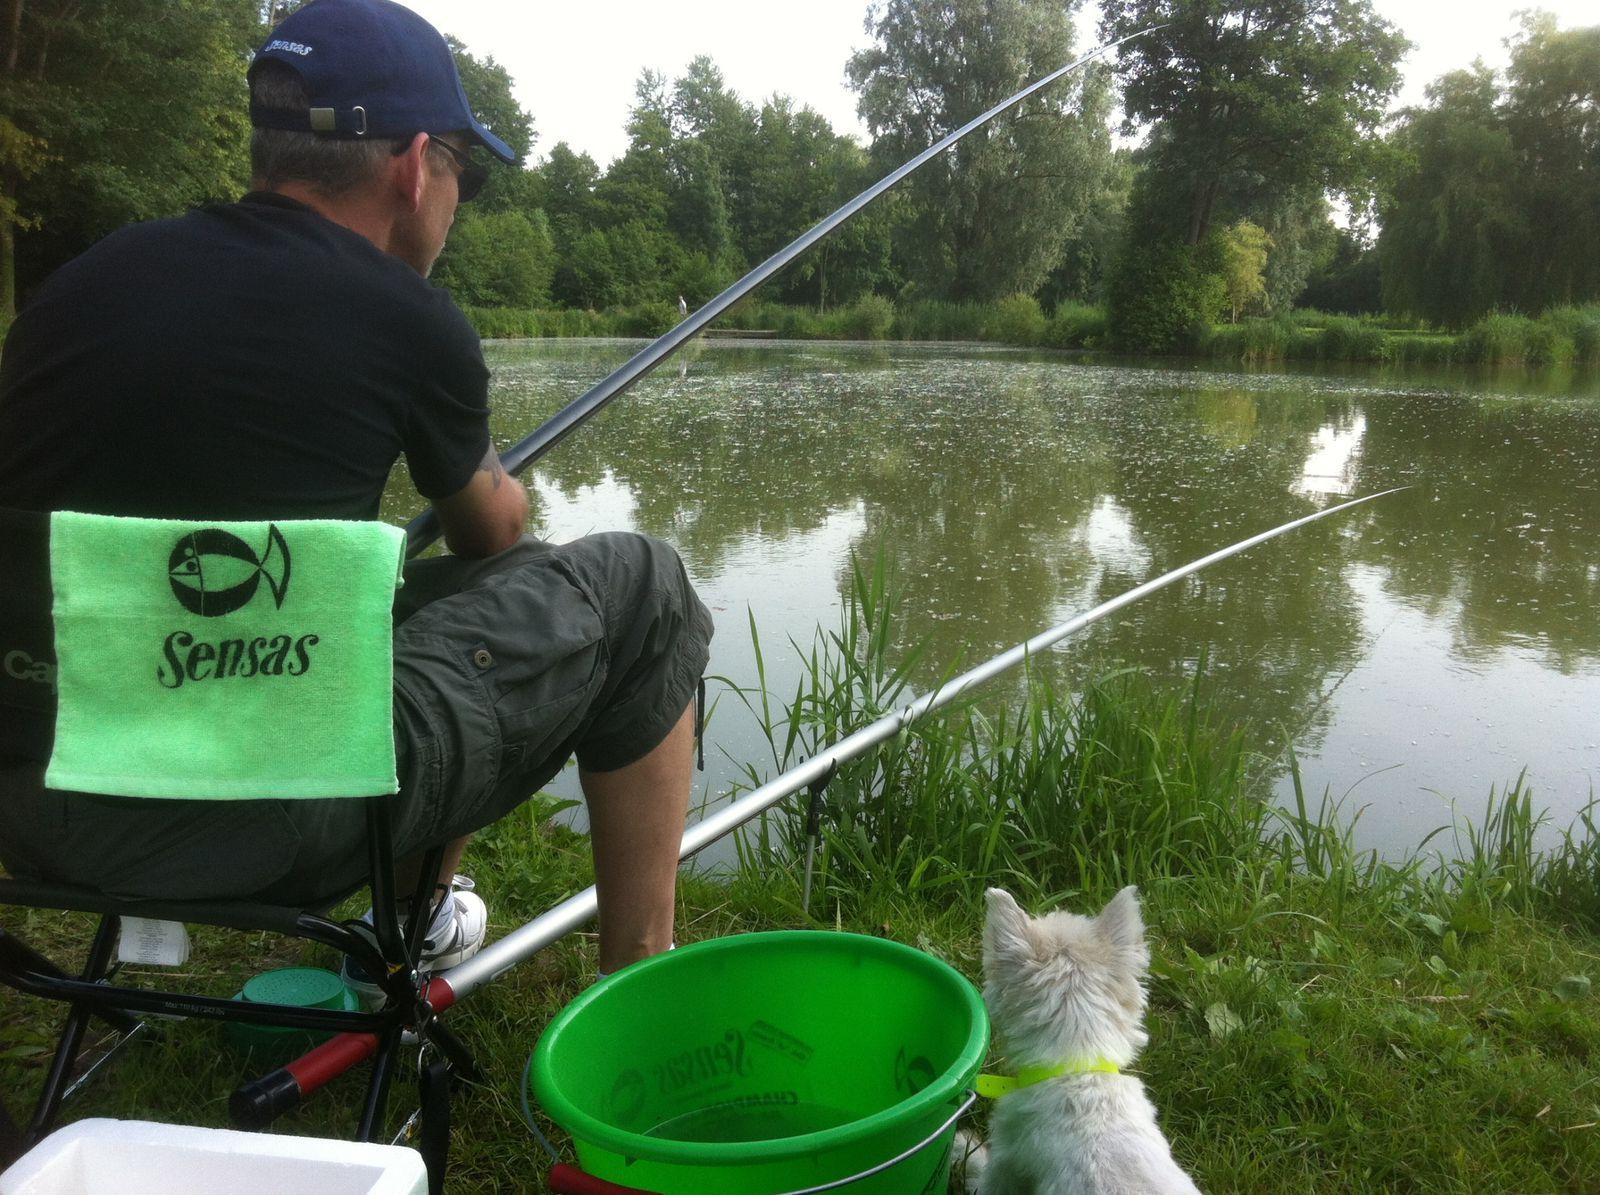 [Journée pêche] Spéciale dédicace à Arthorius59 ^_^